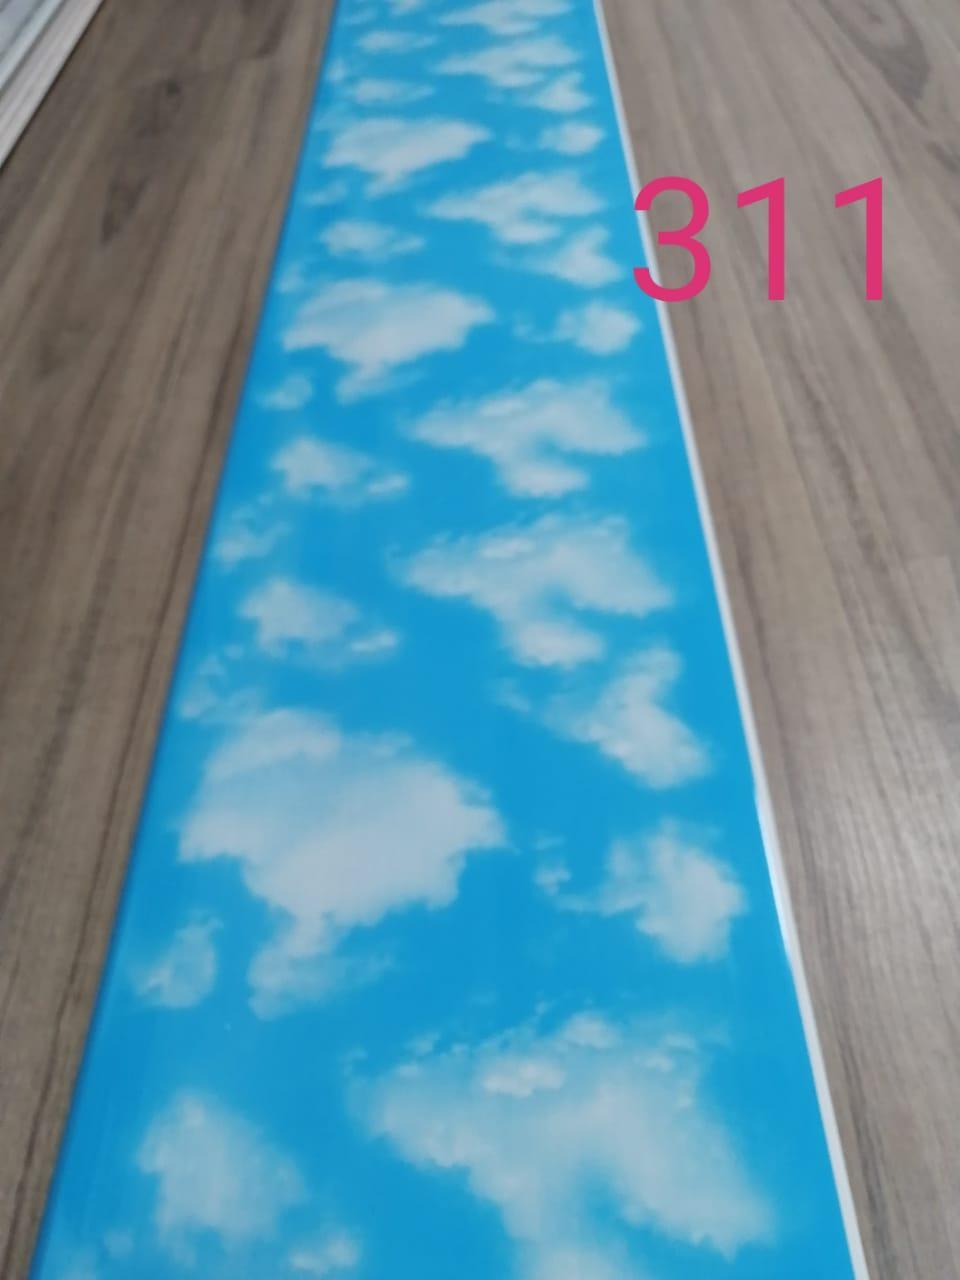 Декор панель потолочная (311)